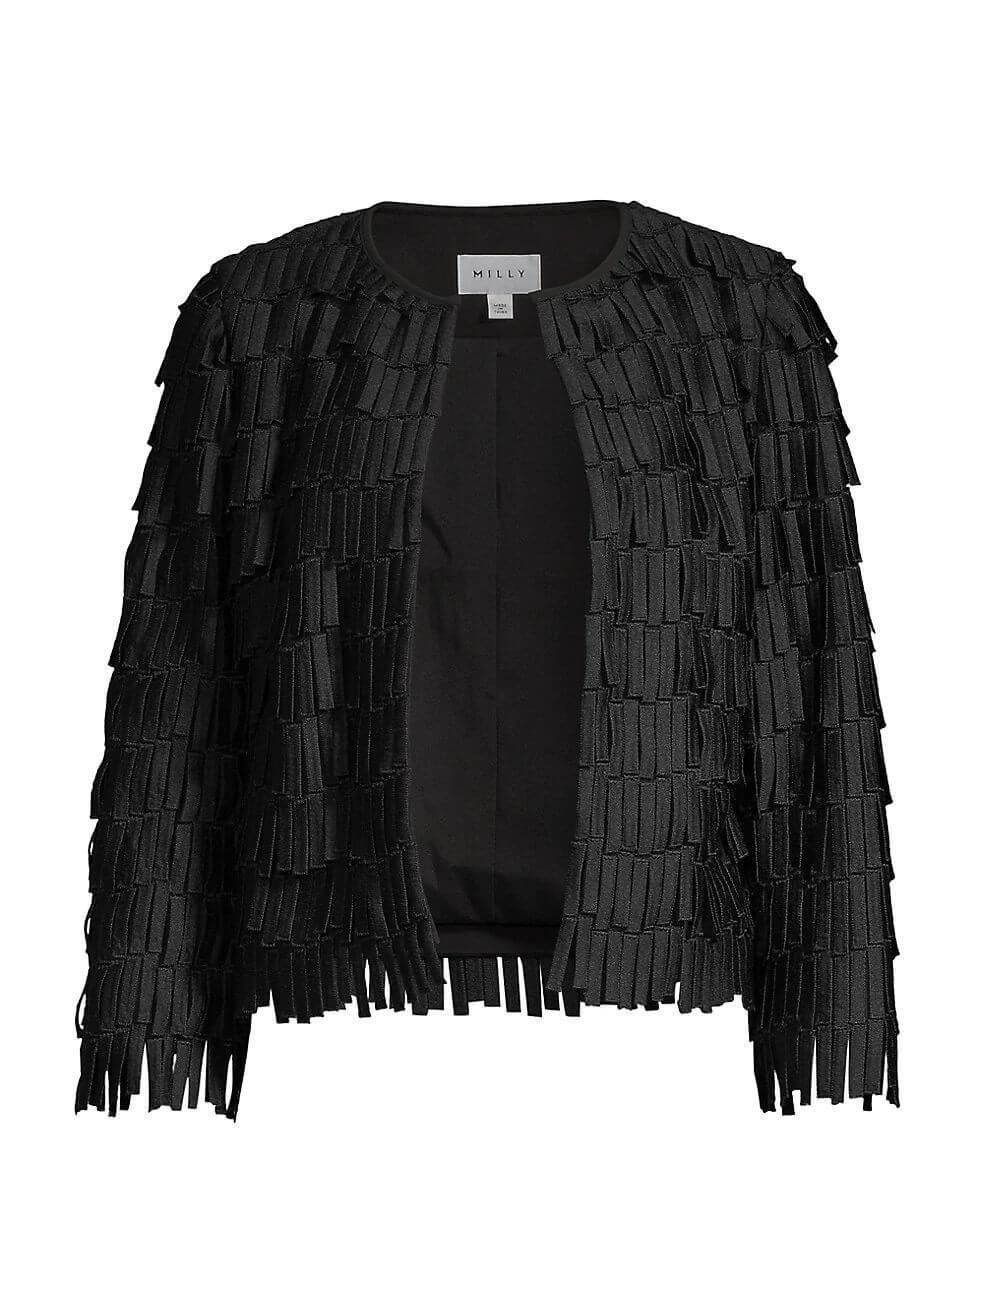 Fringe Embroidery Jacket Item # 09IJ93